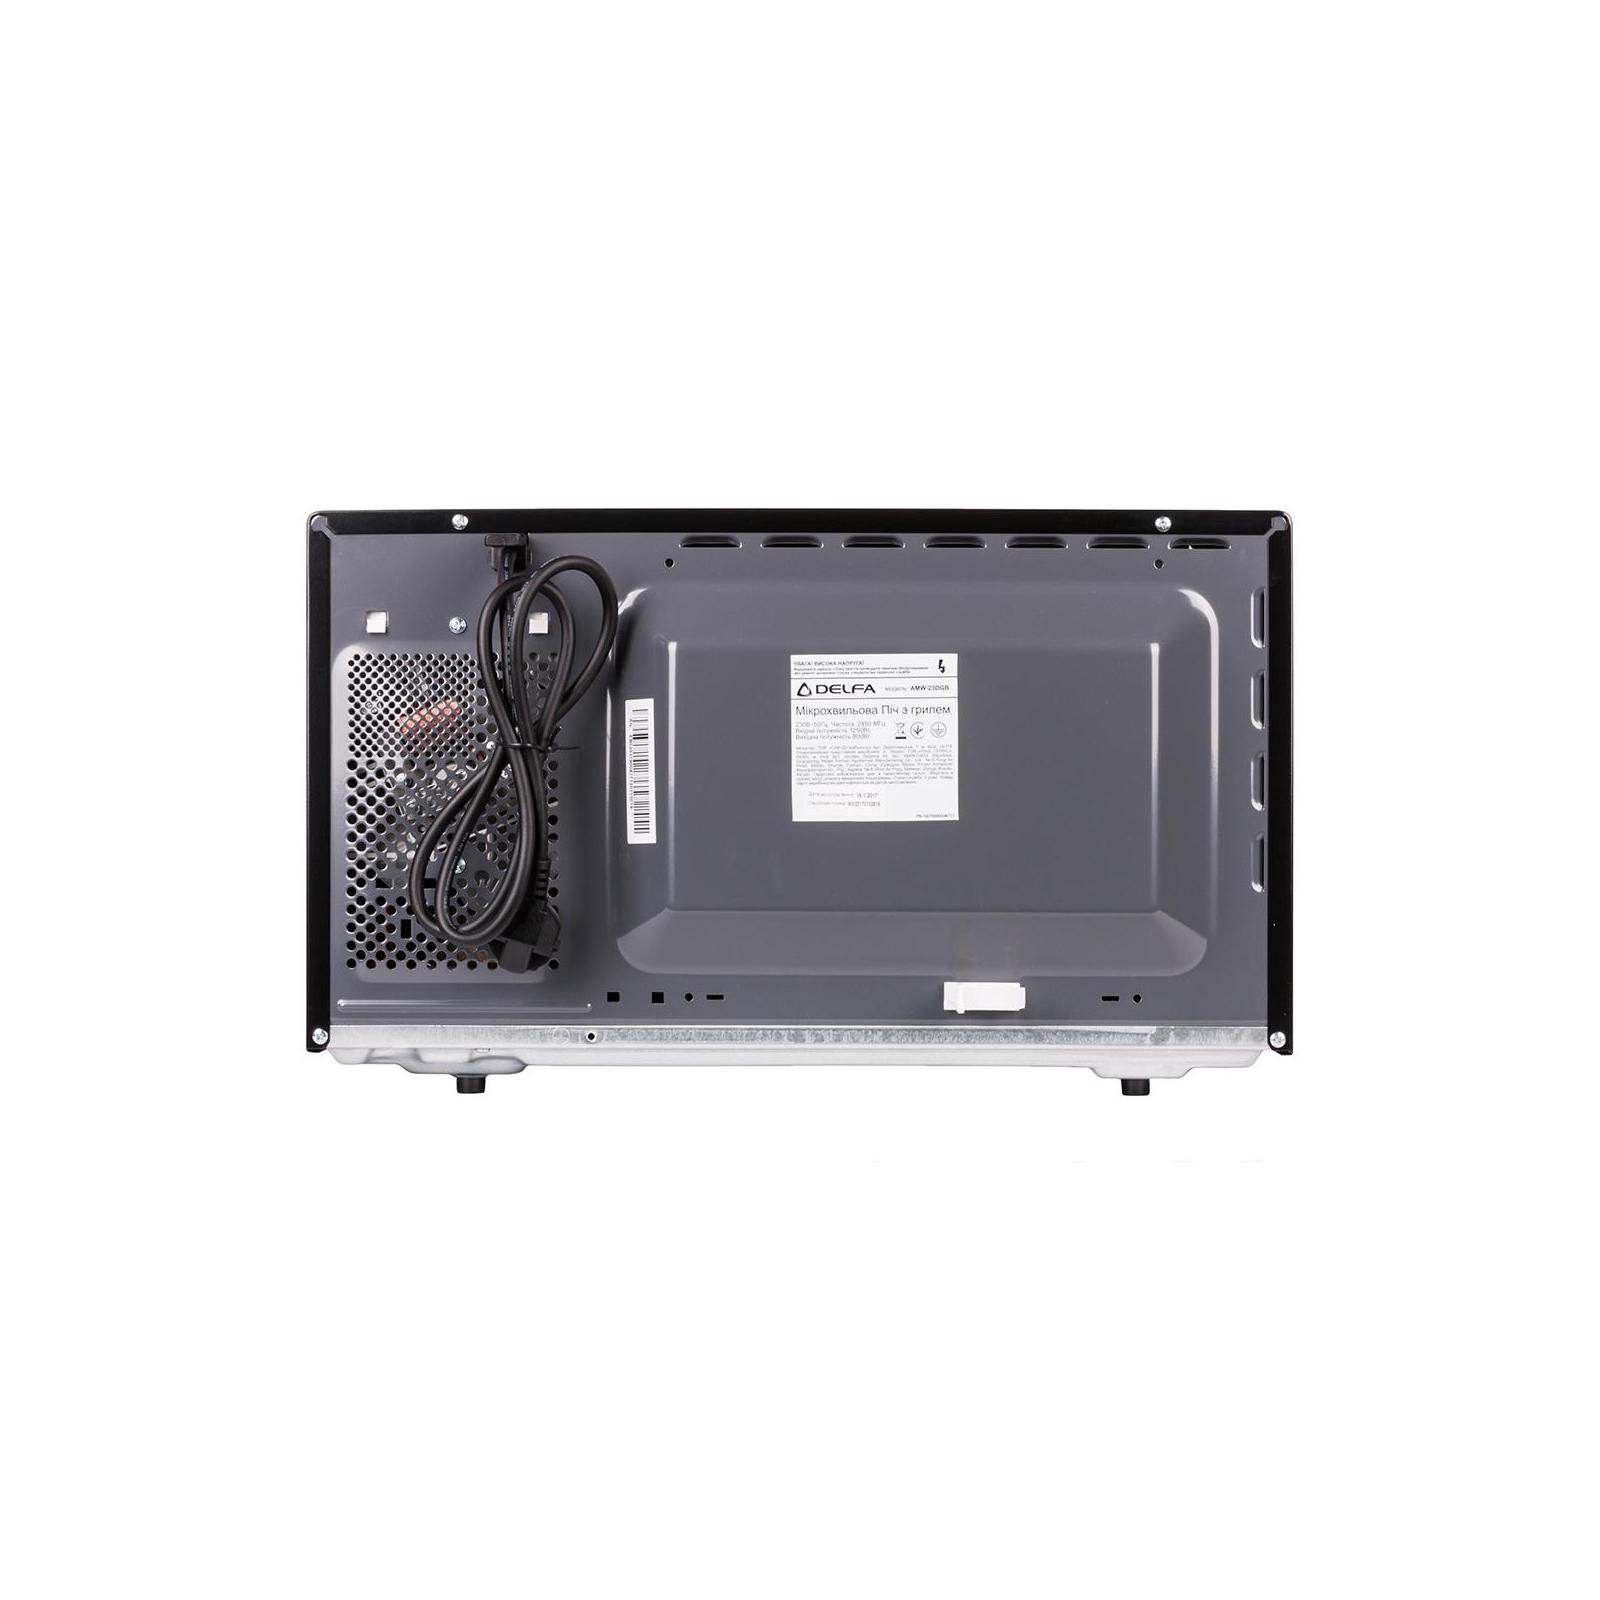 Микроволновая печь Delfa AMW-23DGB изображение 2